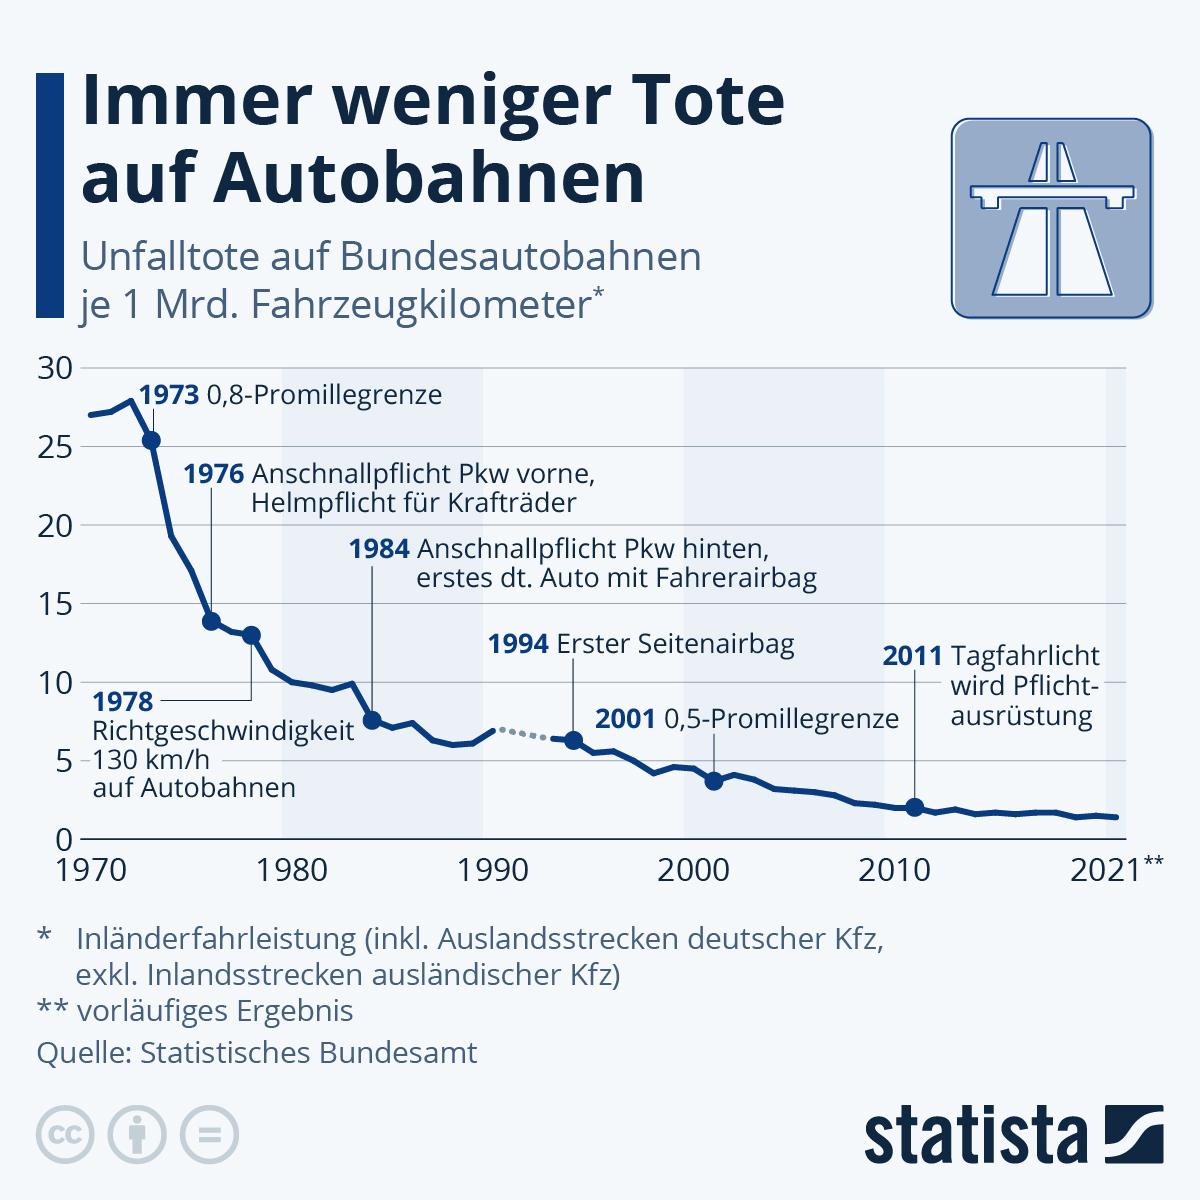 Infografik: Immer weniger Tote auf Autobahnen | Statista